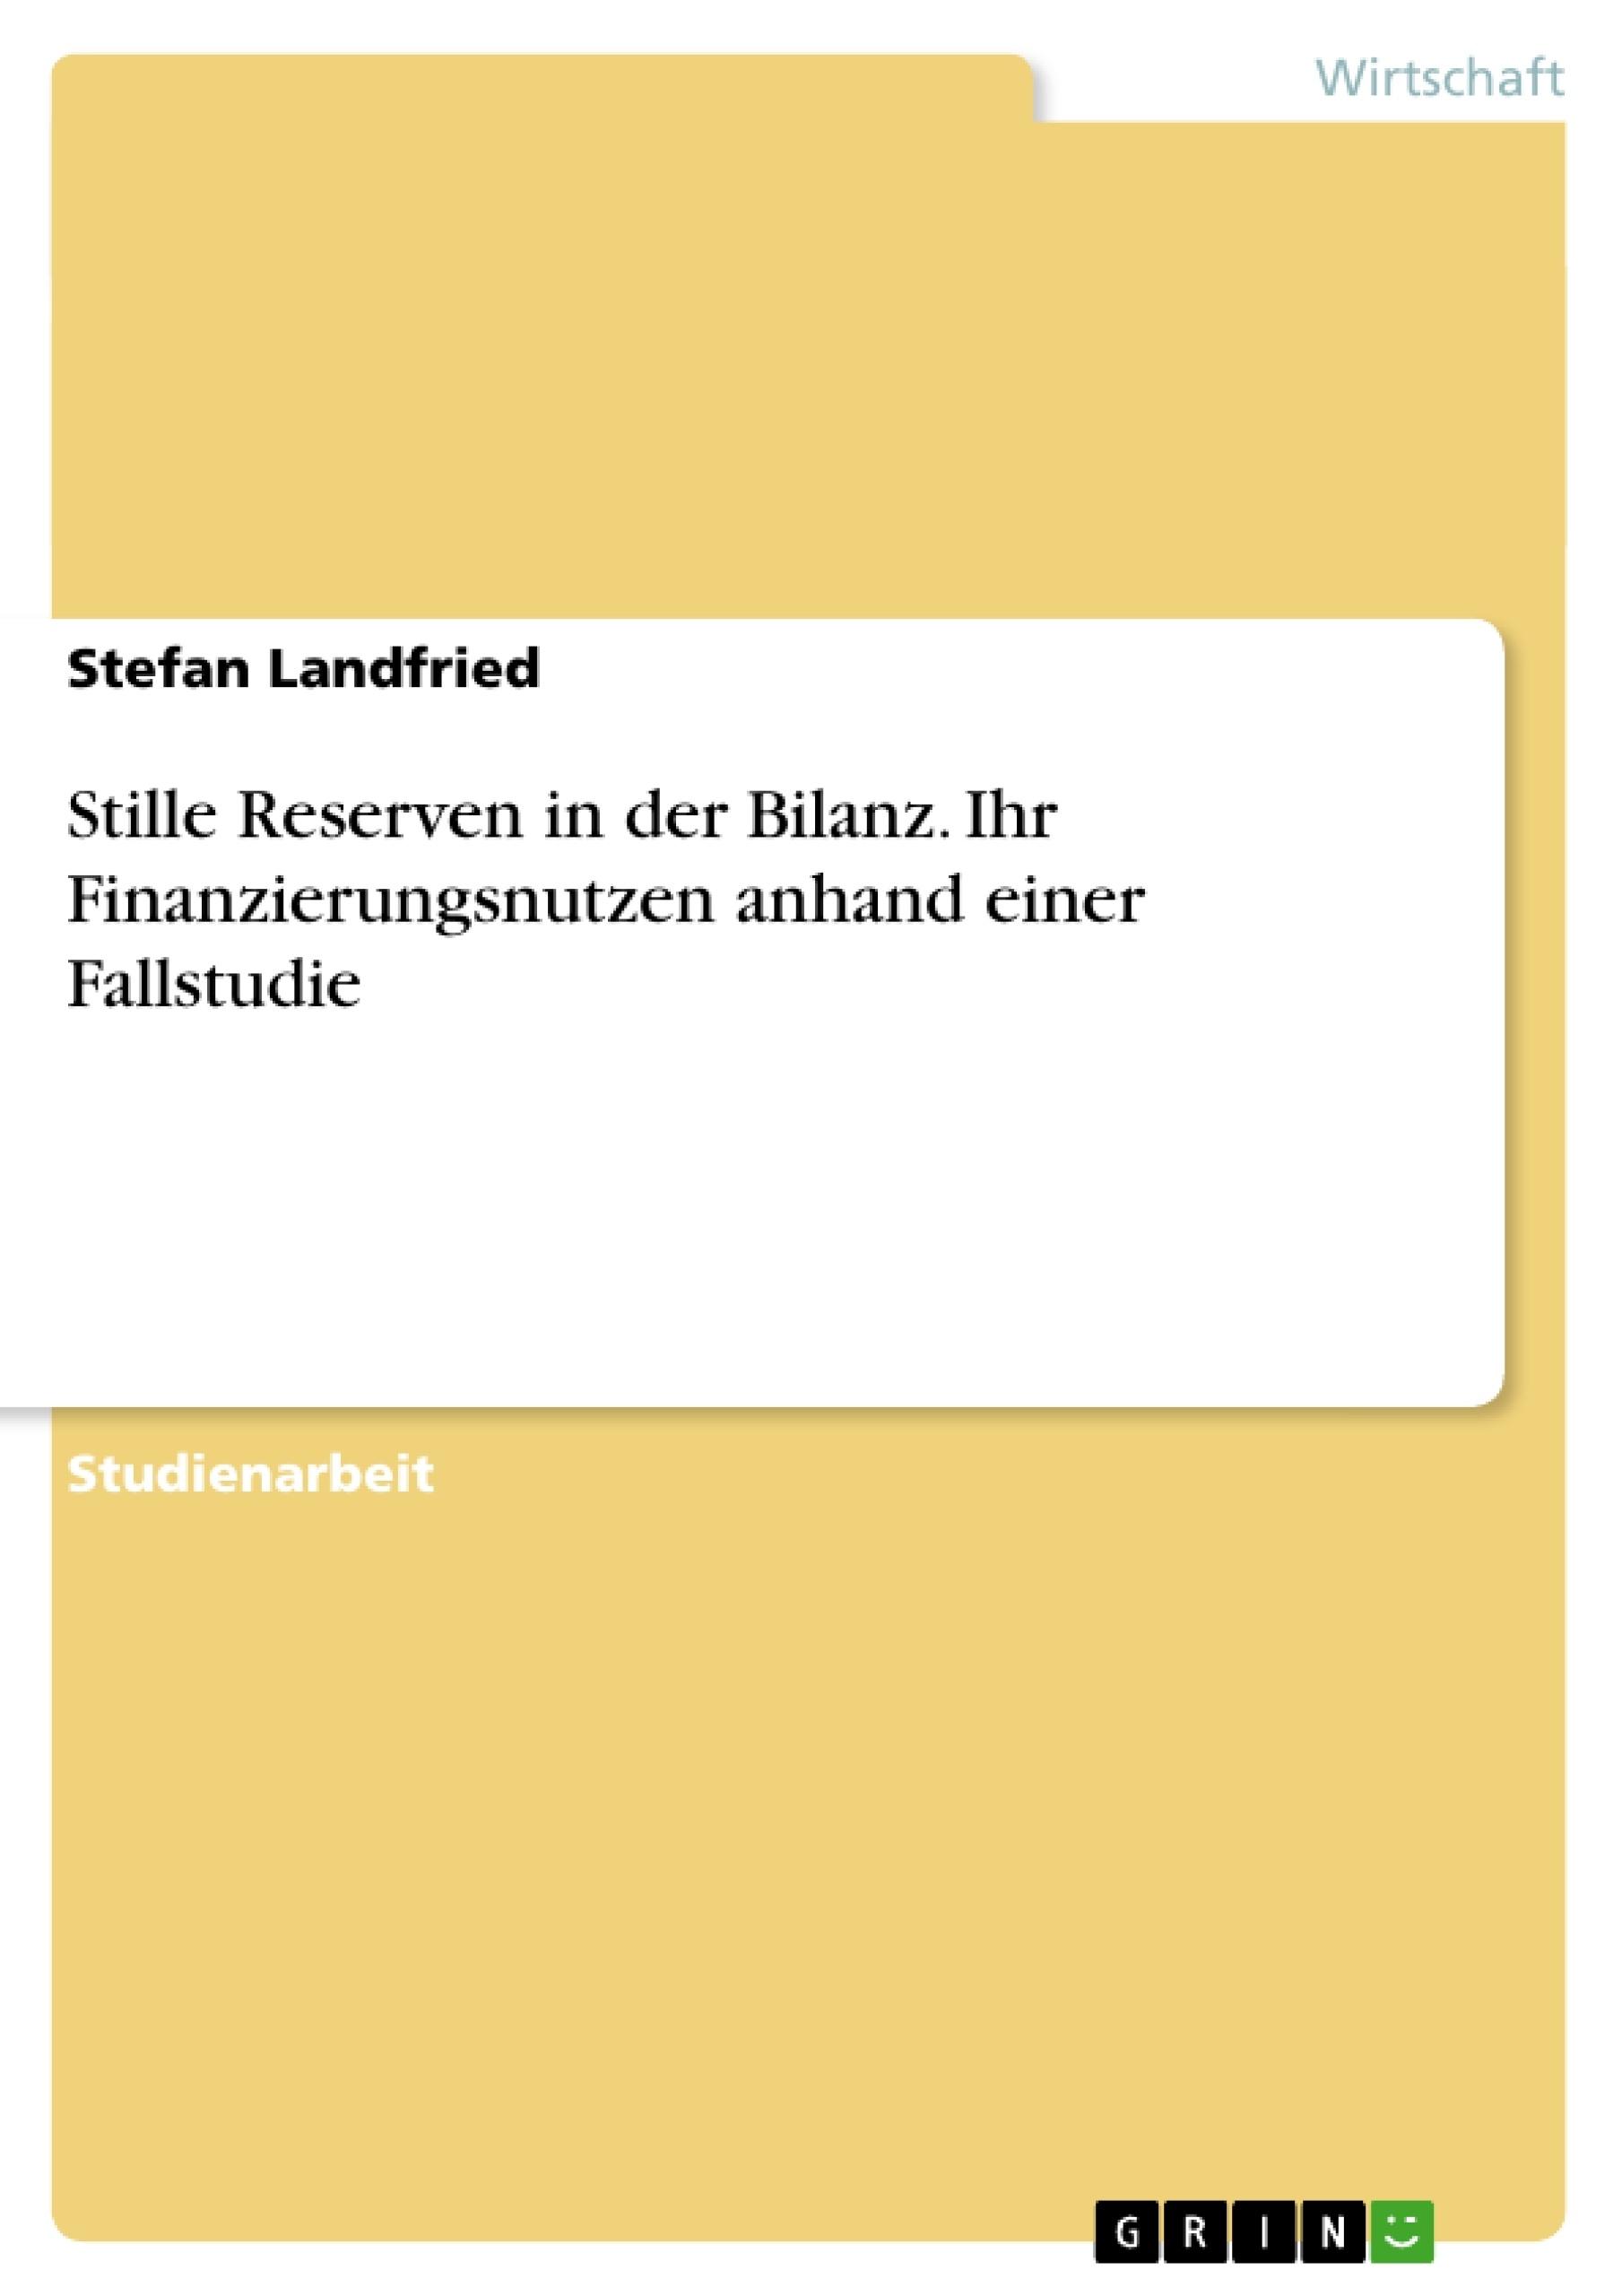 Titel: Stille Reserven in der Bilanz. Ihr Finanzierungsnutzen anhand einer Fallstudie